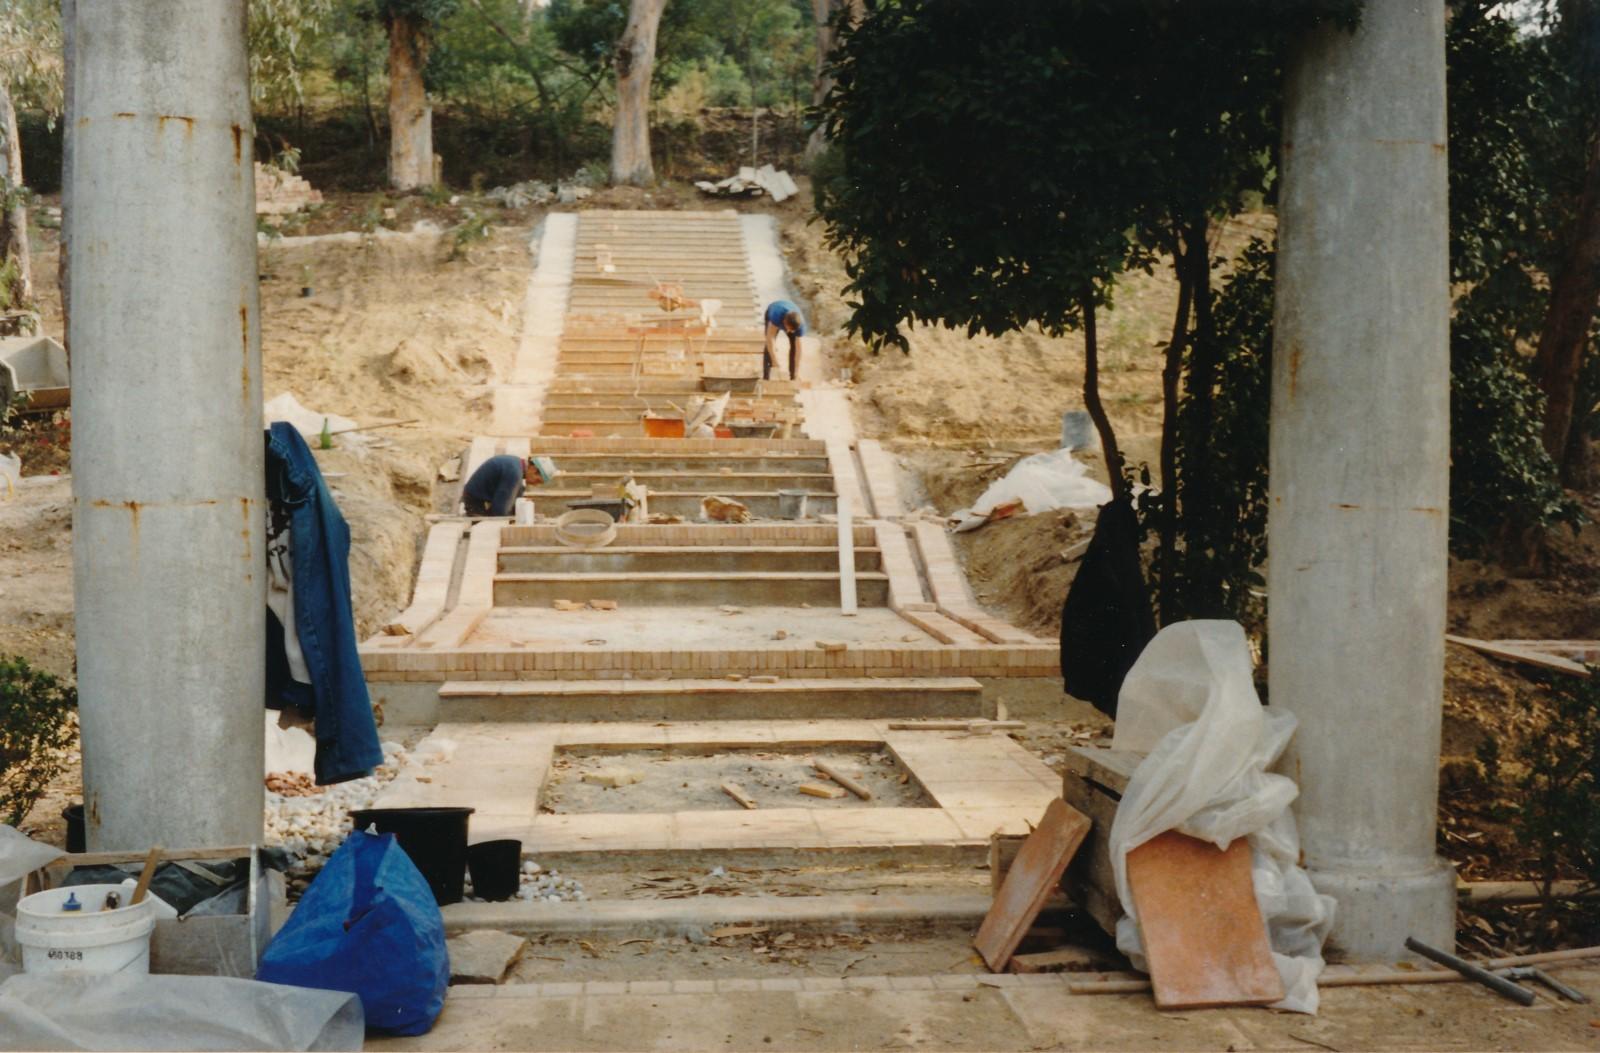 Parlons patrimoine : Le renouveau du jardin par Gilles Clément (1988-2003)